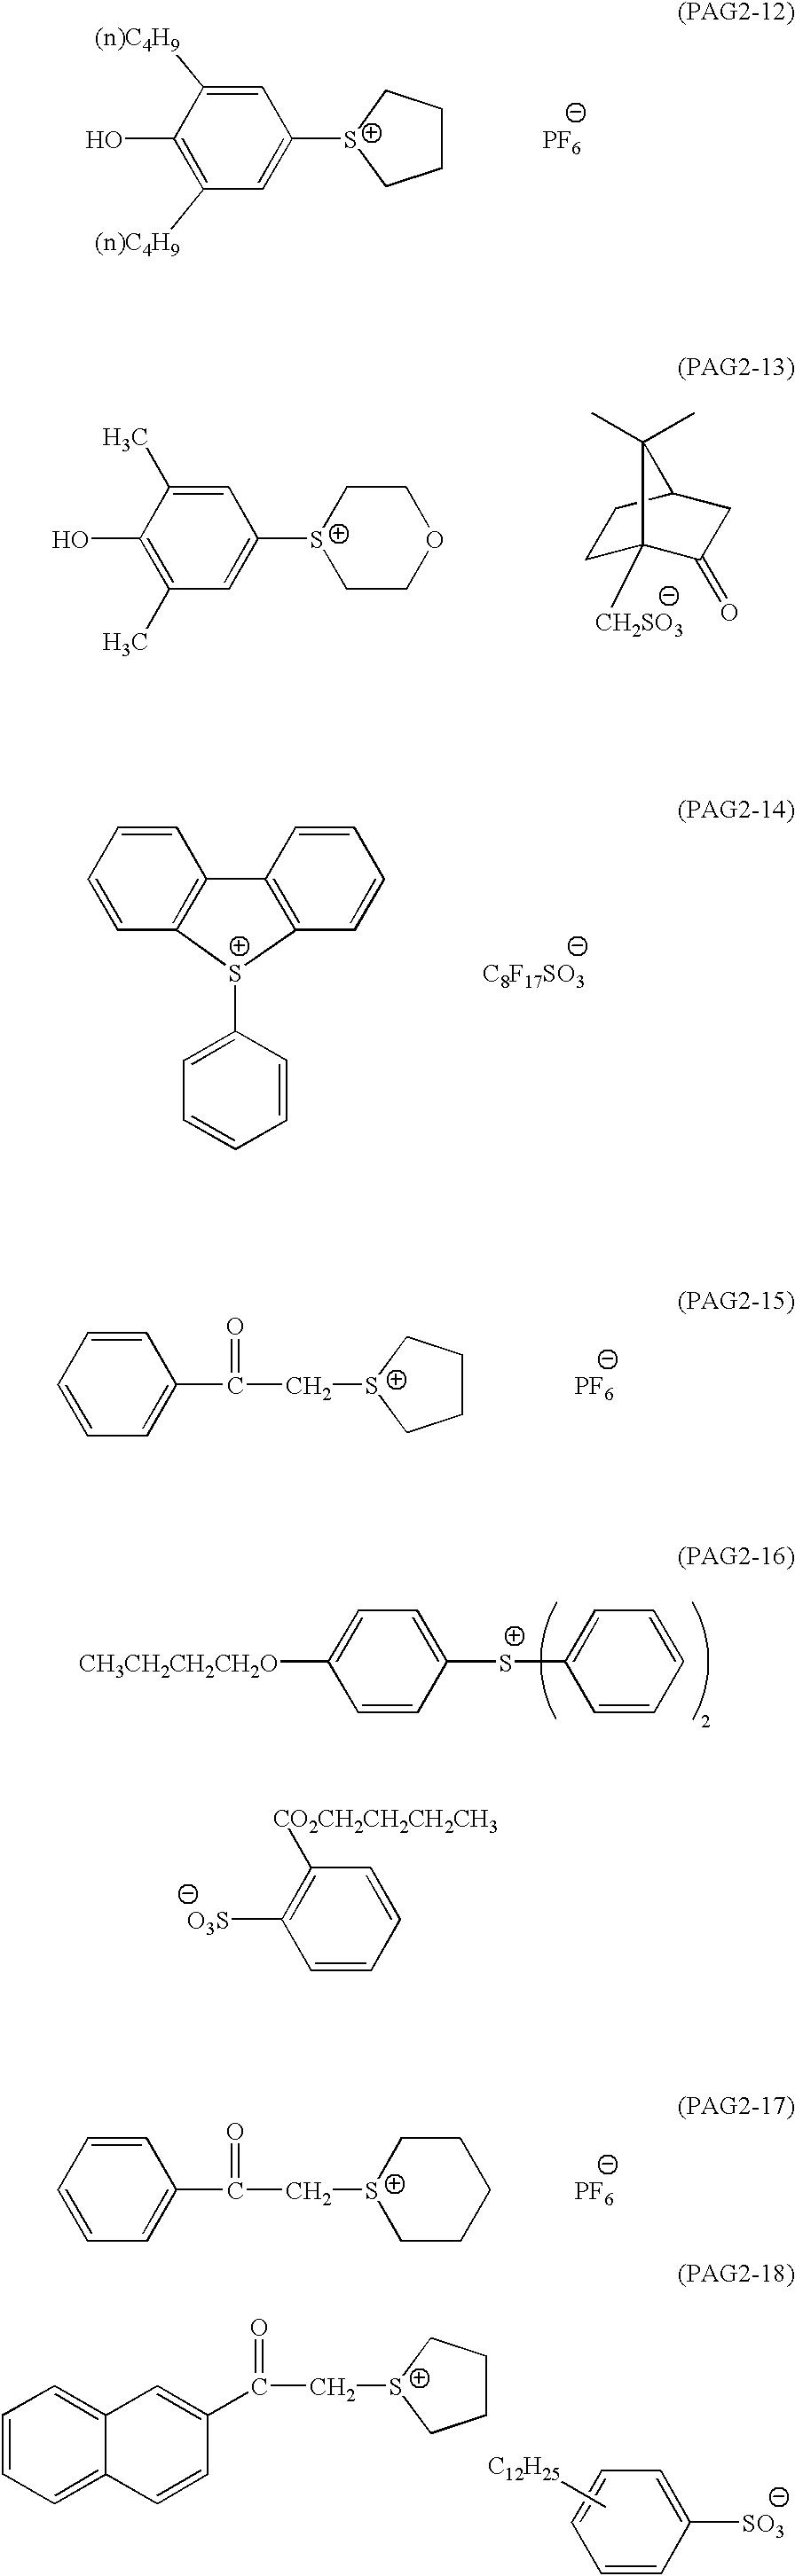 Figure US20030186161A1-20031002-C00007